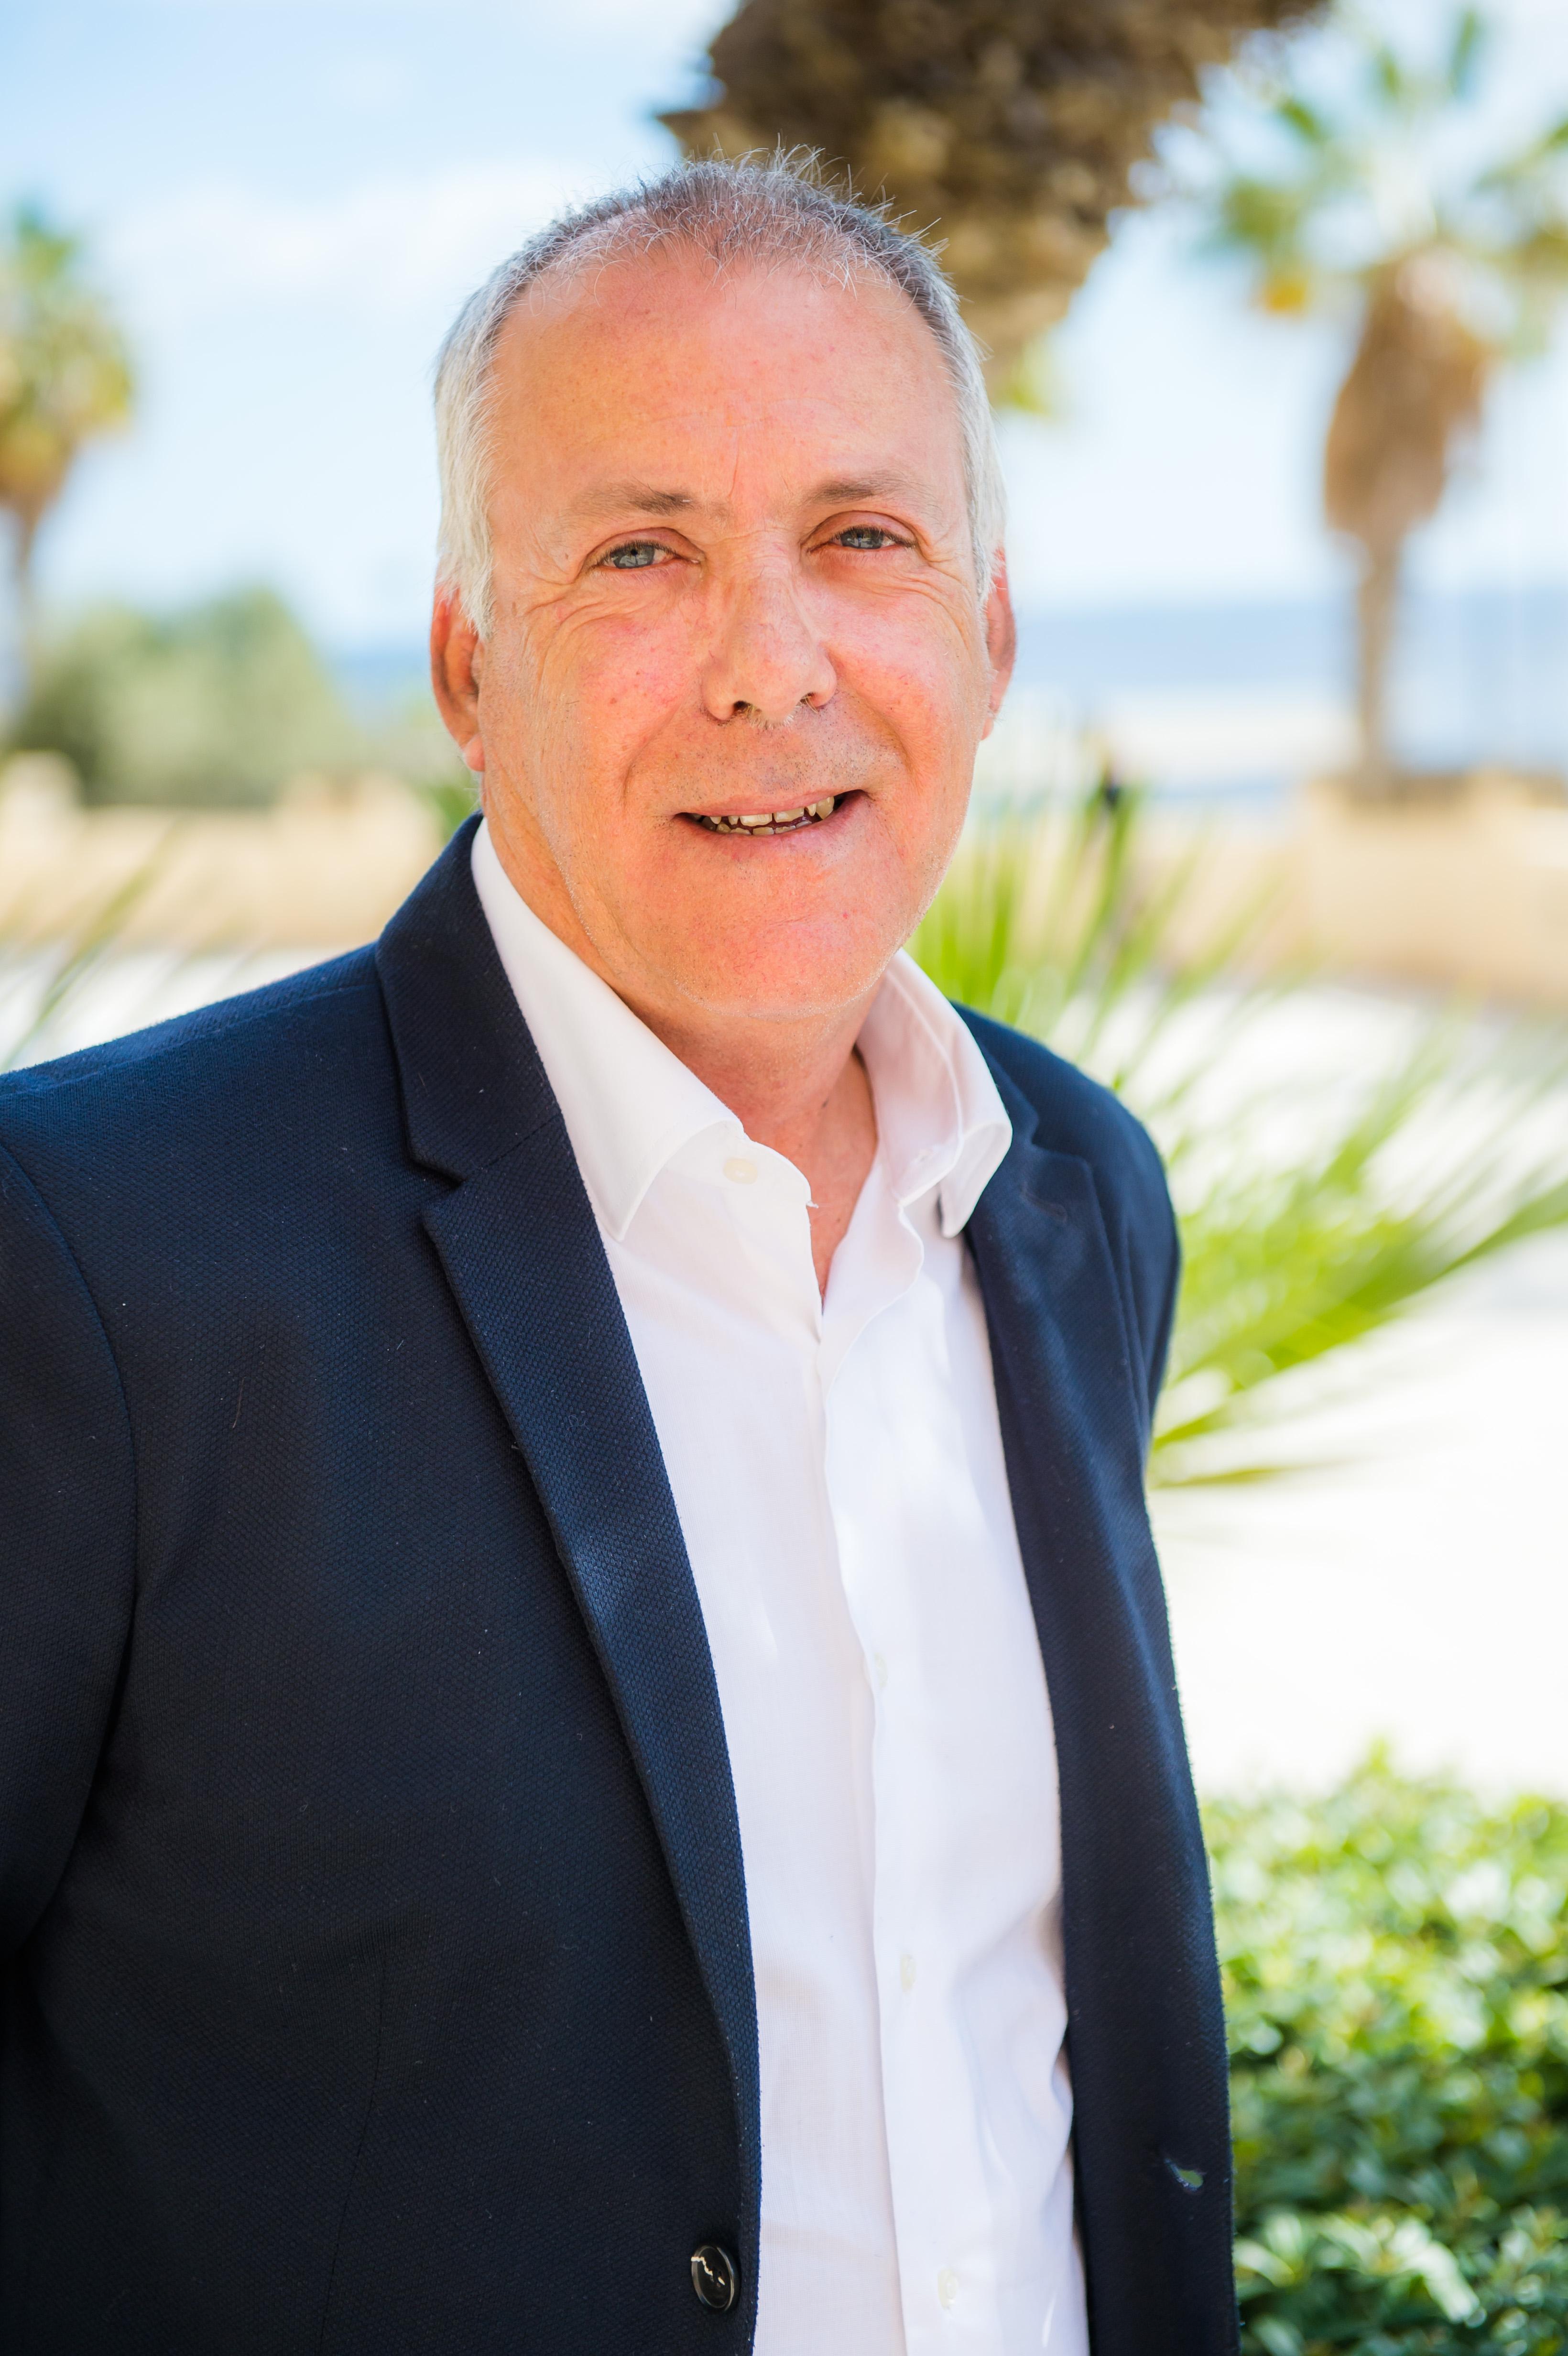 David Urpani